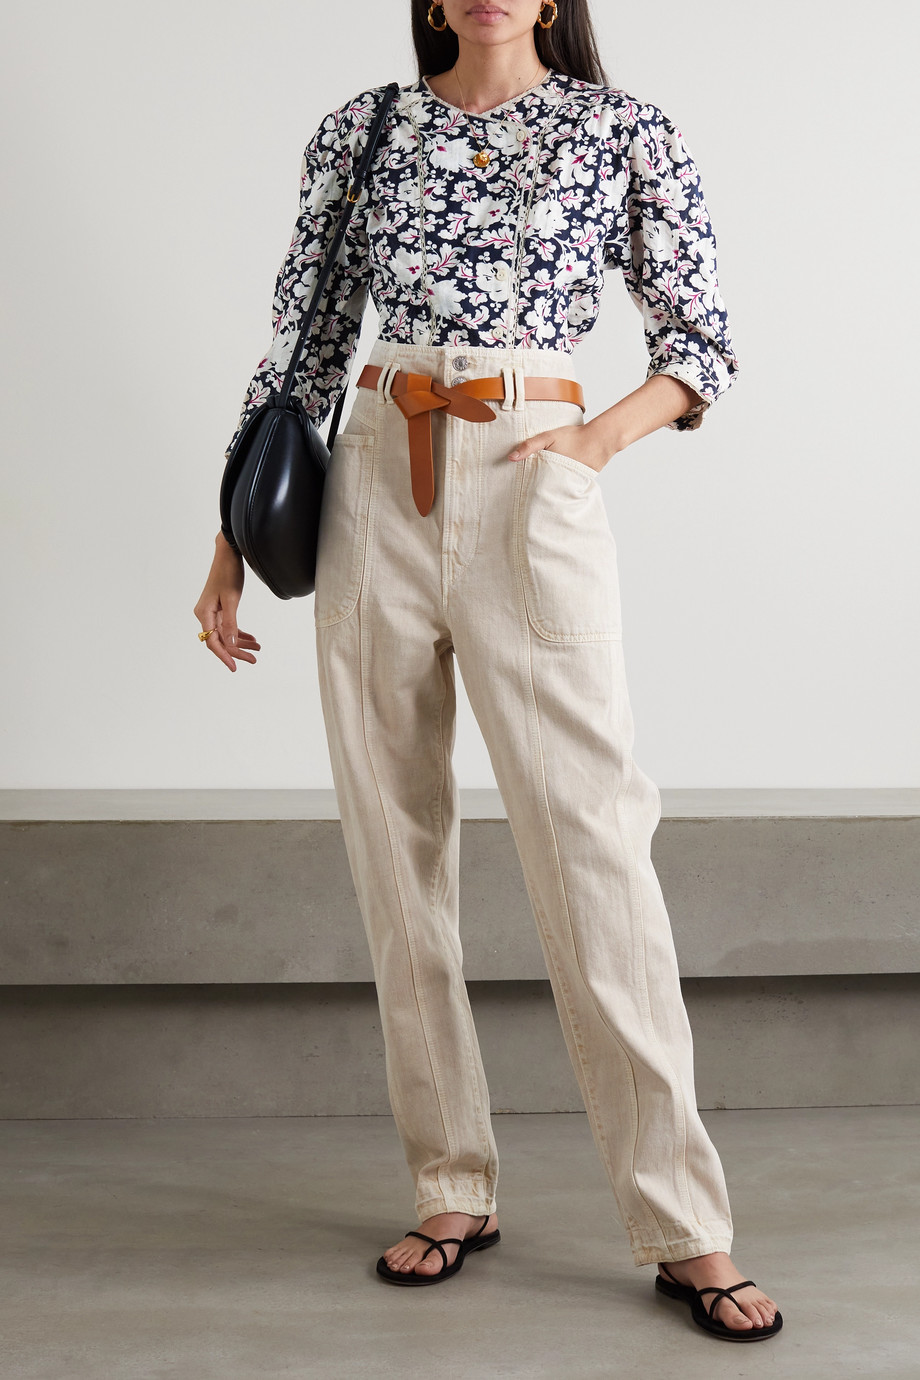 Isabel Marant Étoile Ditta lace-trimmed floral-print cotton blouse